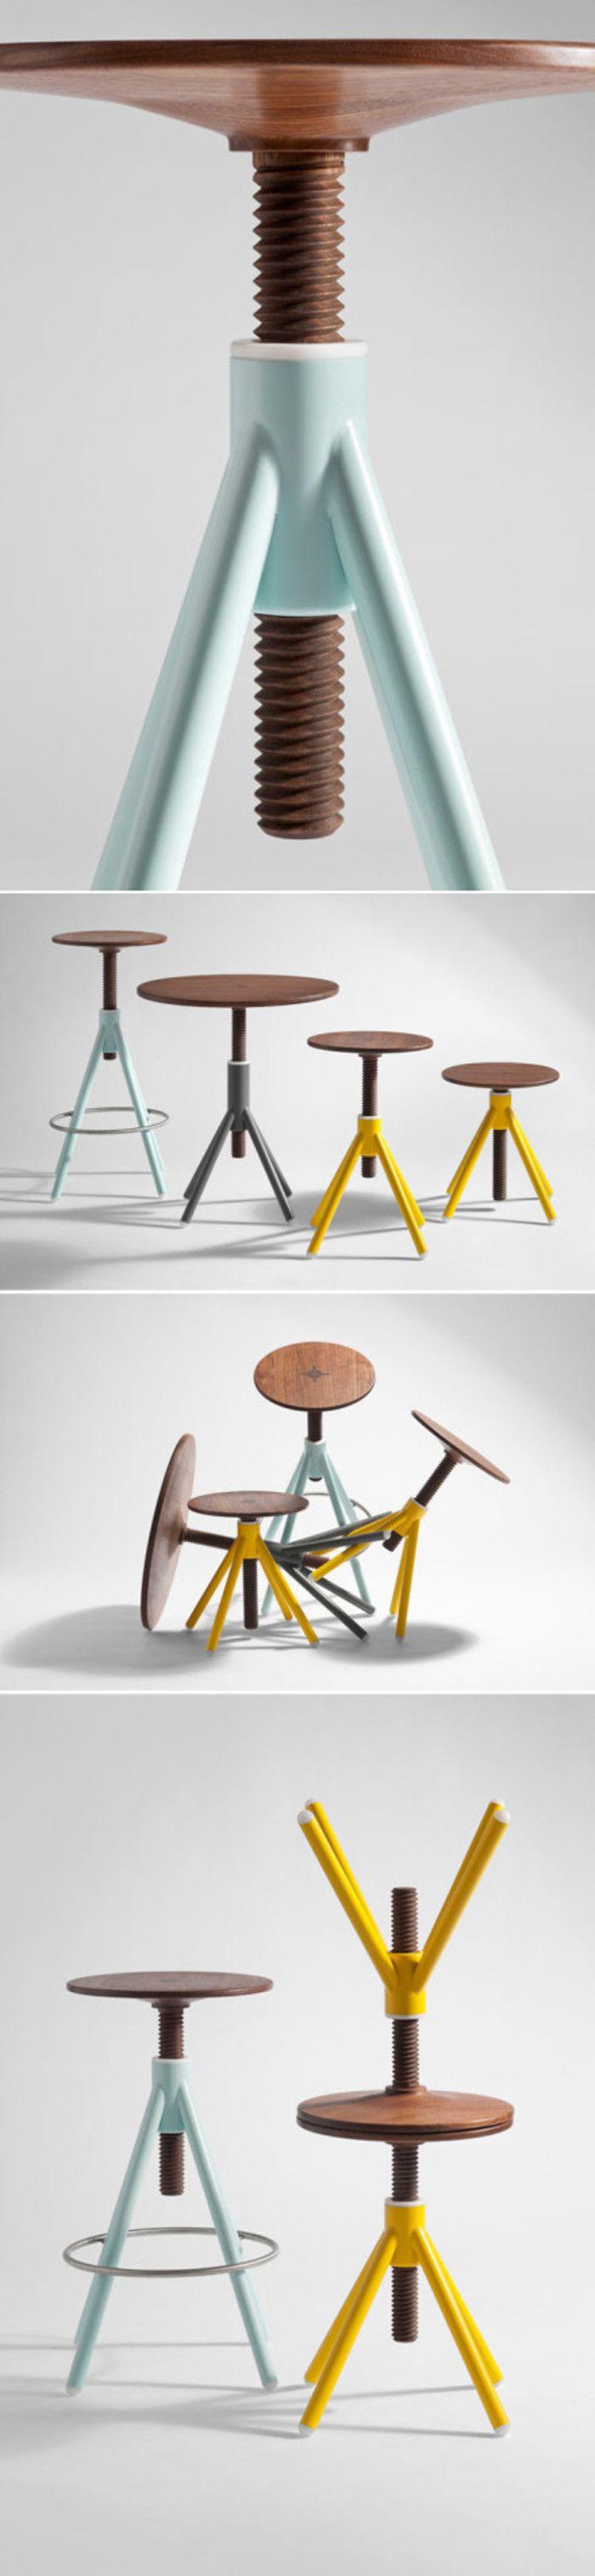 125263c92394dc4fad53bc630ad5918c--industrial-bar-stools-industrial-bars Meilleur De De Tabouret De Bar Lot De 3 Conception